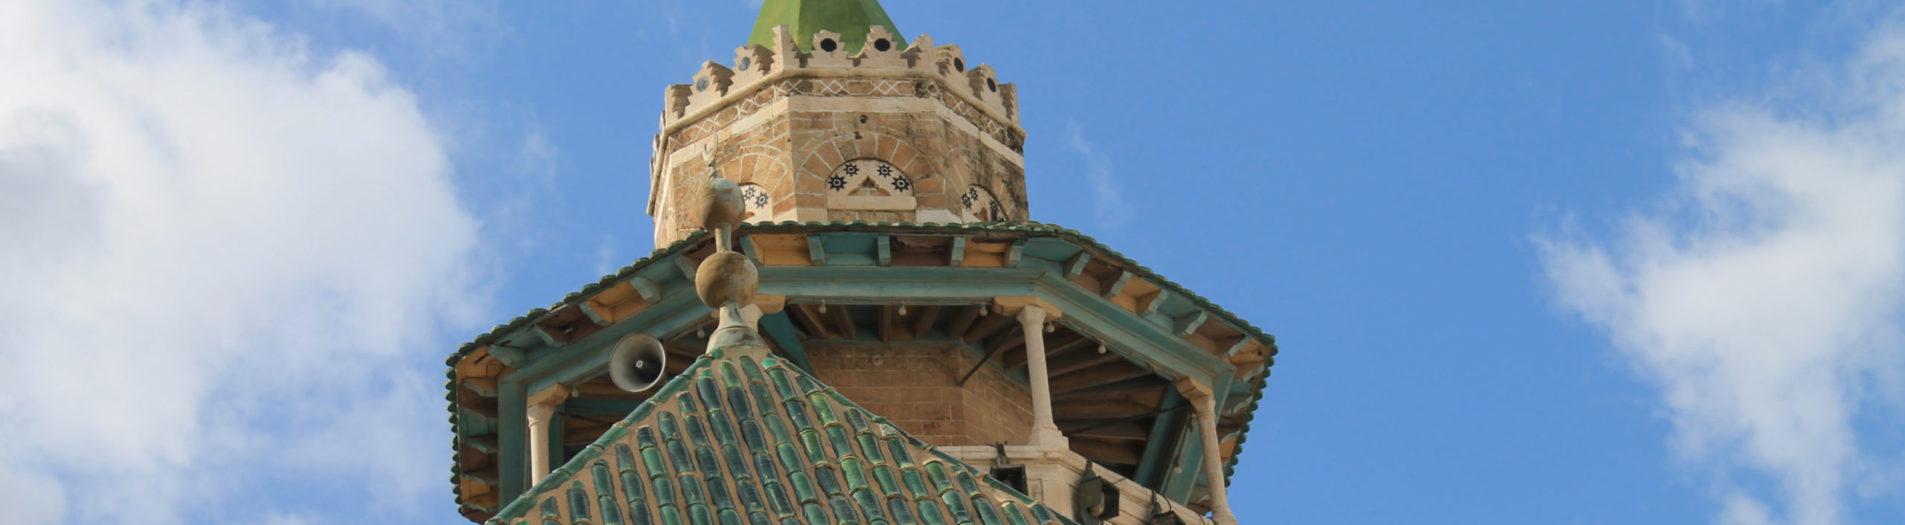 Le complexe architectural de Youssef Dey